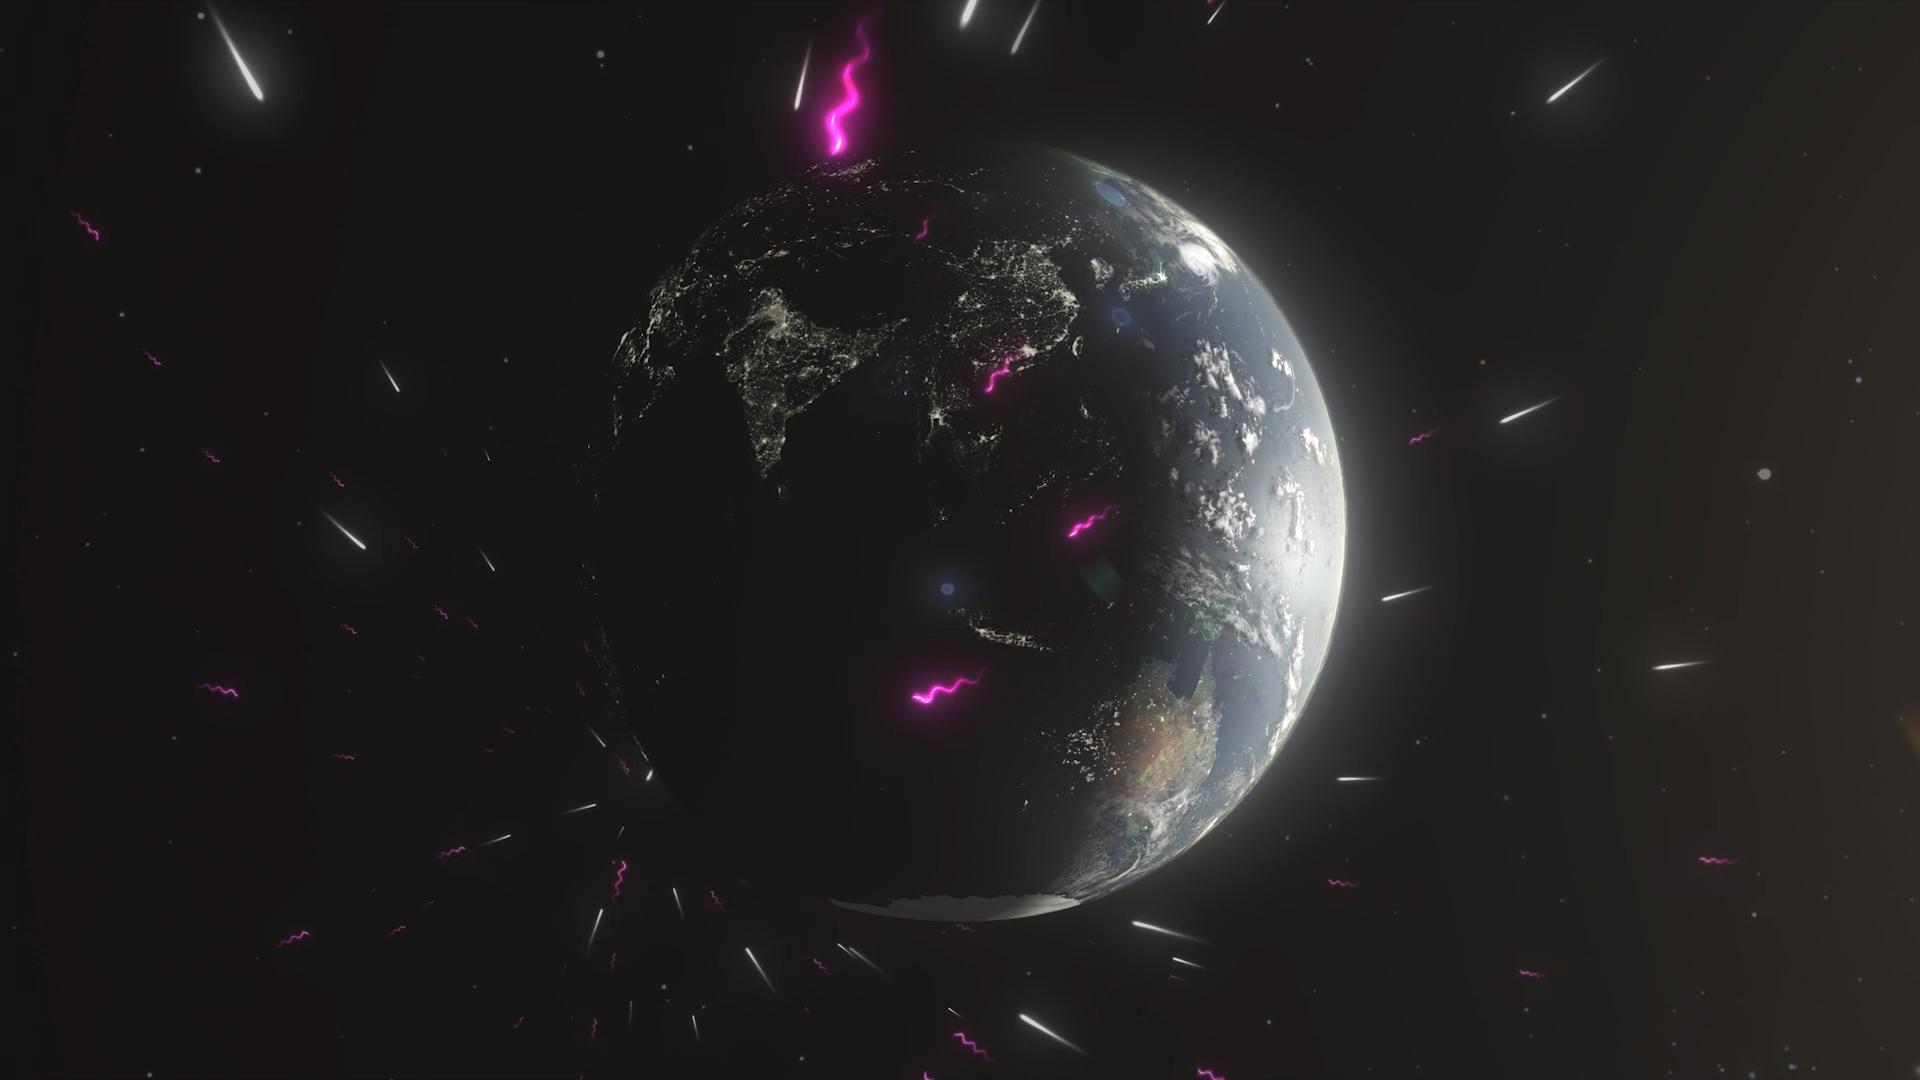 Animation: Blazar emission reaches Earth